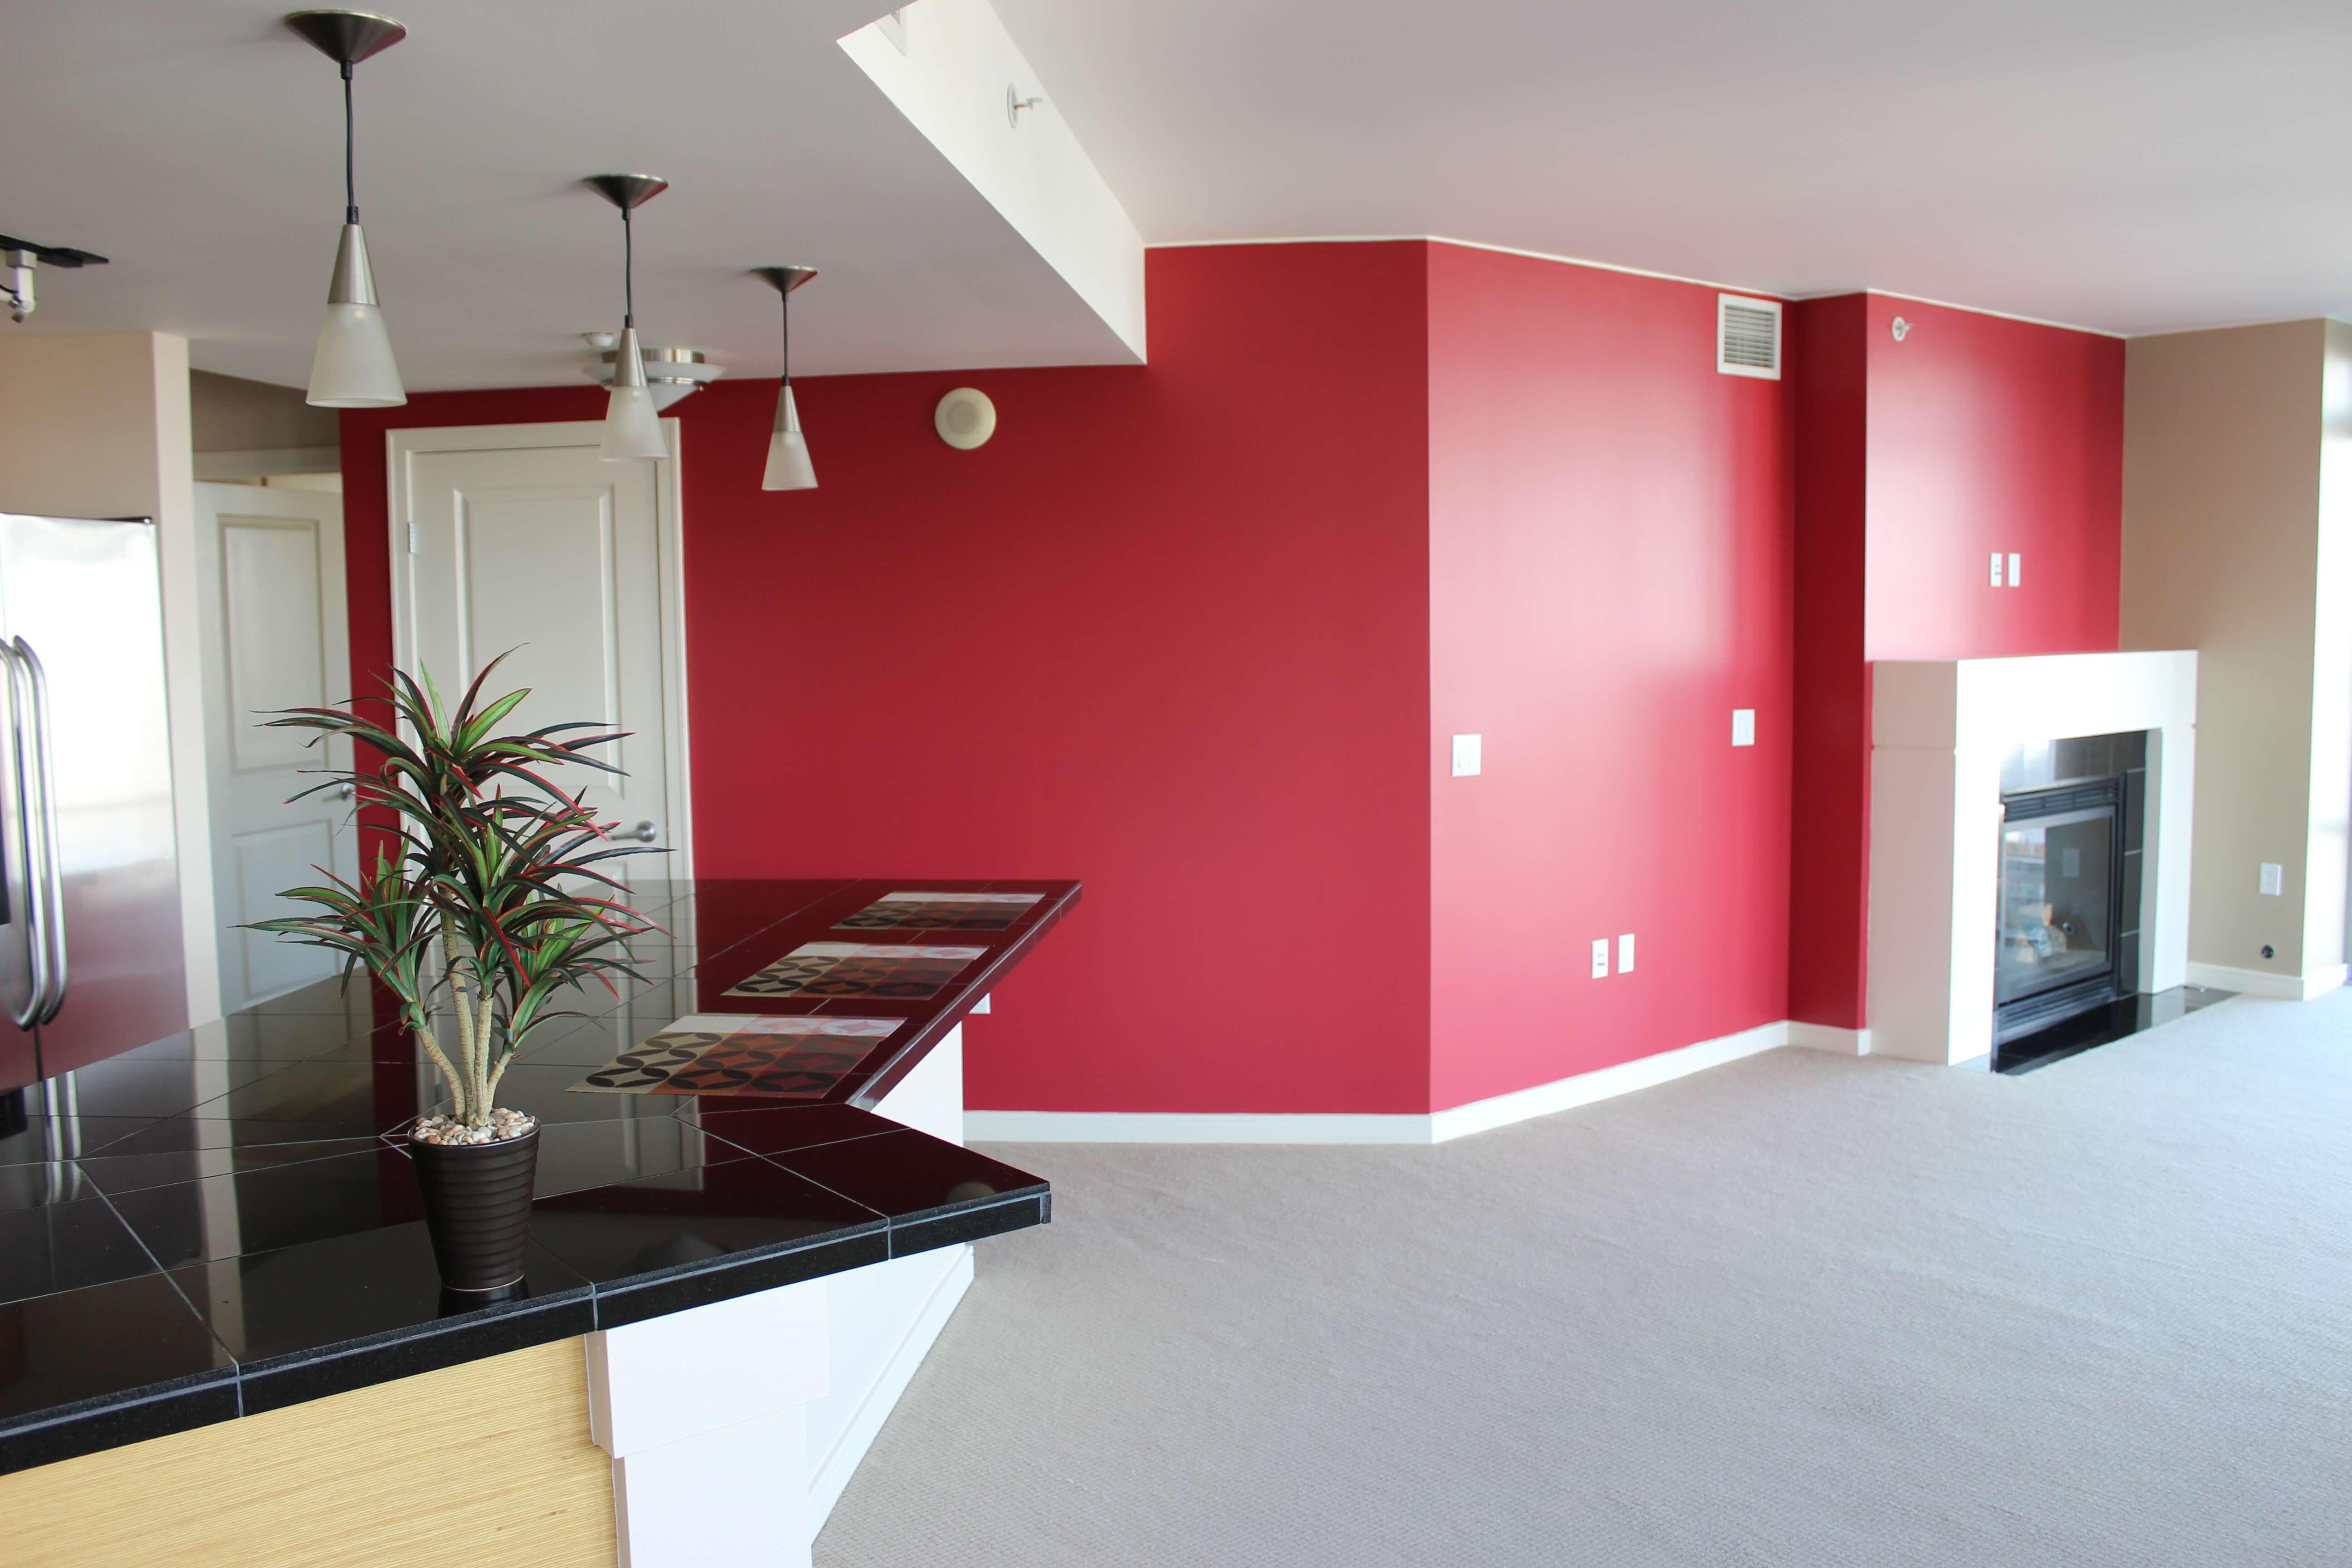 Como elegir el color para pintar mi casa pinturas coche - Colores para pintar una casa ...